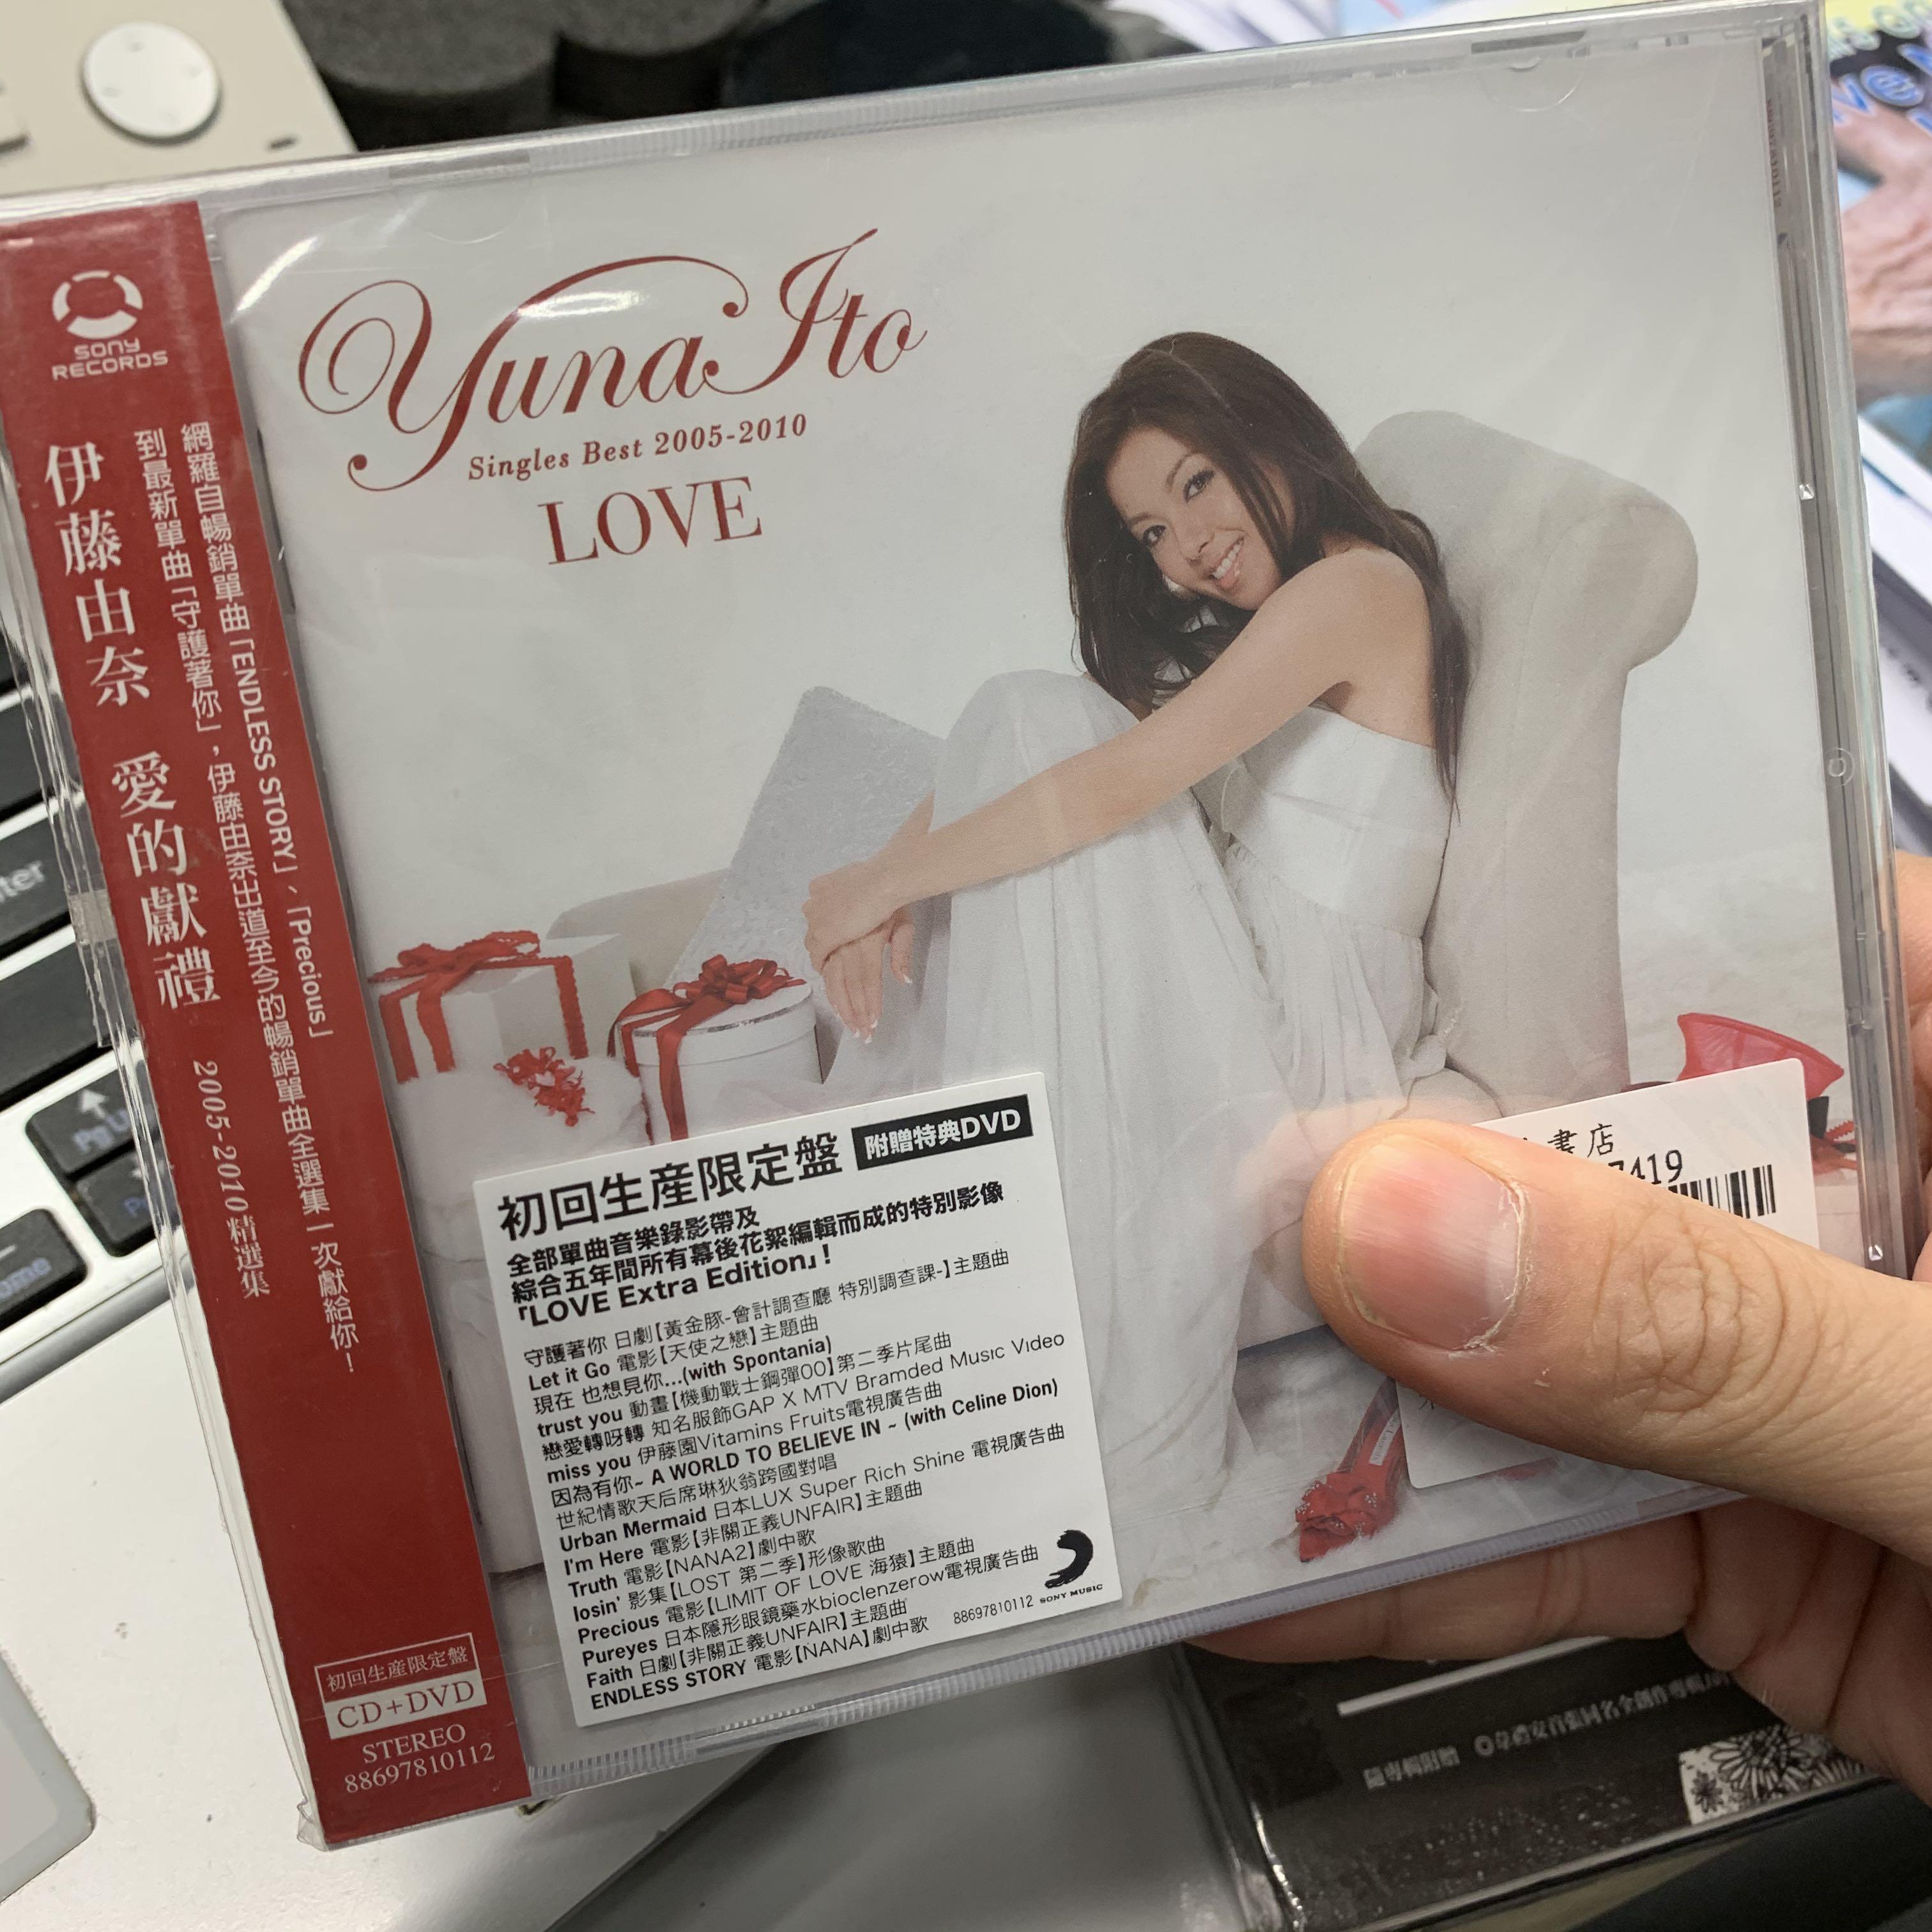 伊藤由奈 精選 CD DVD 衛蘭原曲